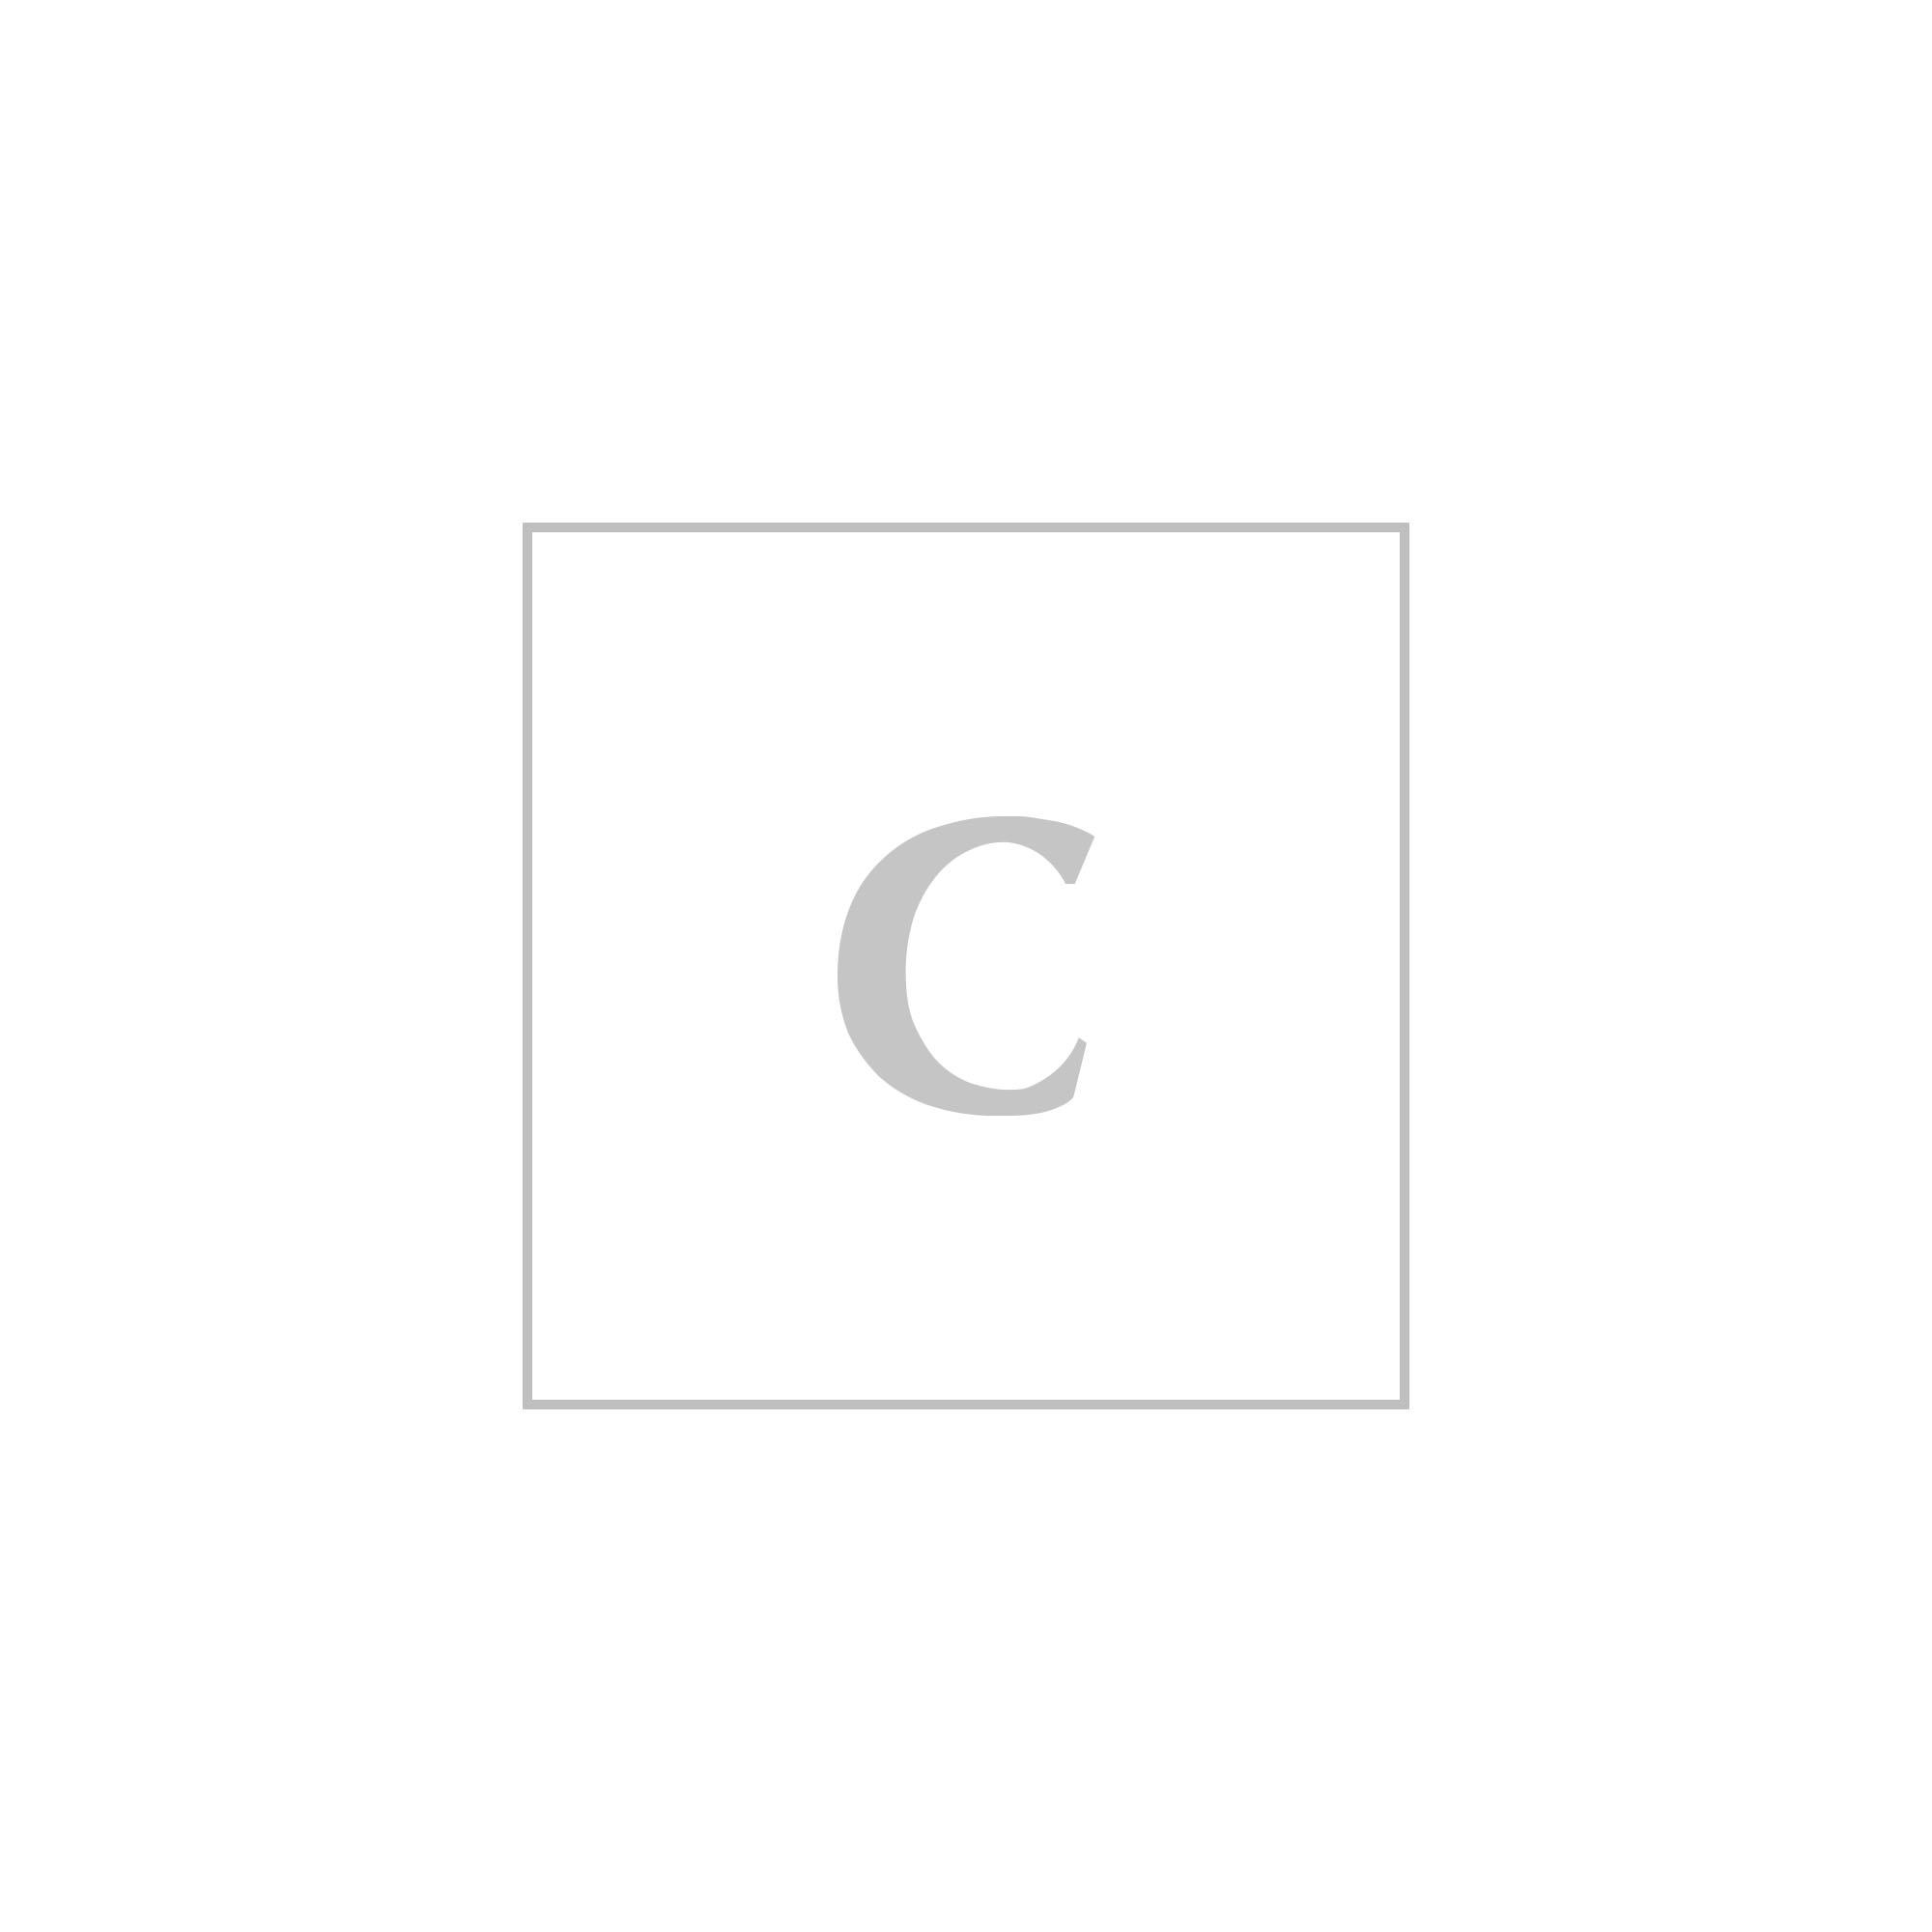 Saint laurent ysl portafoglio monogramme